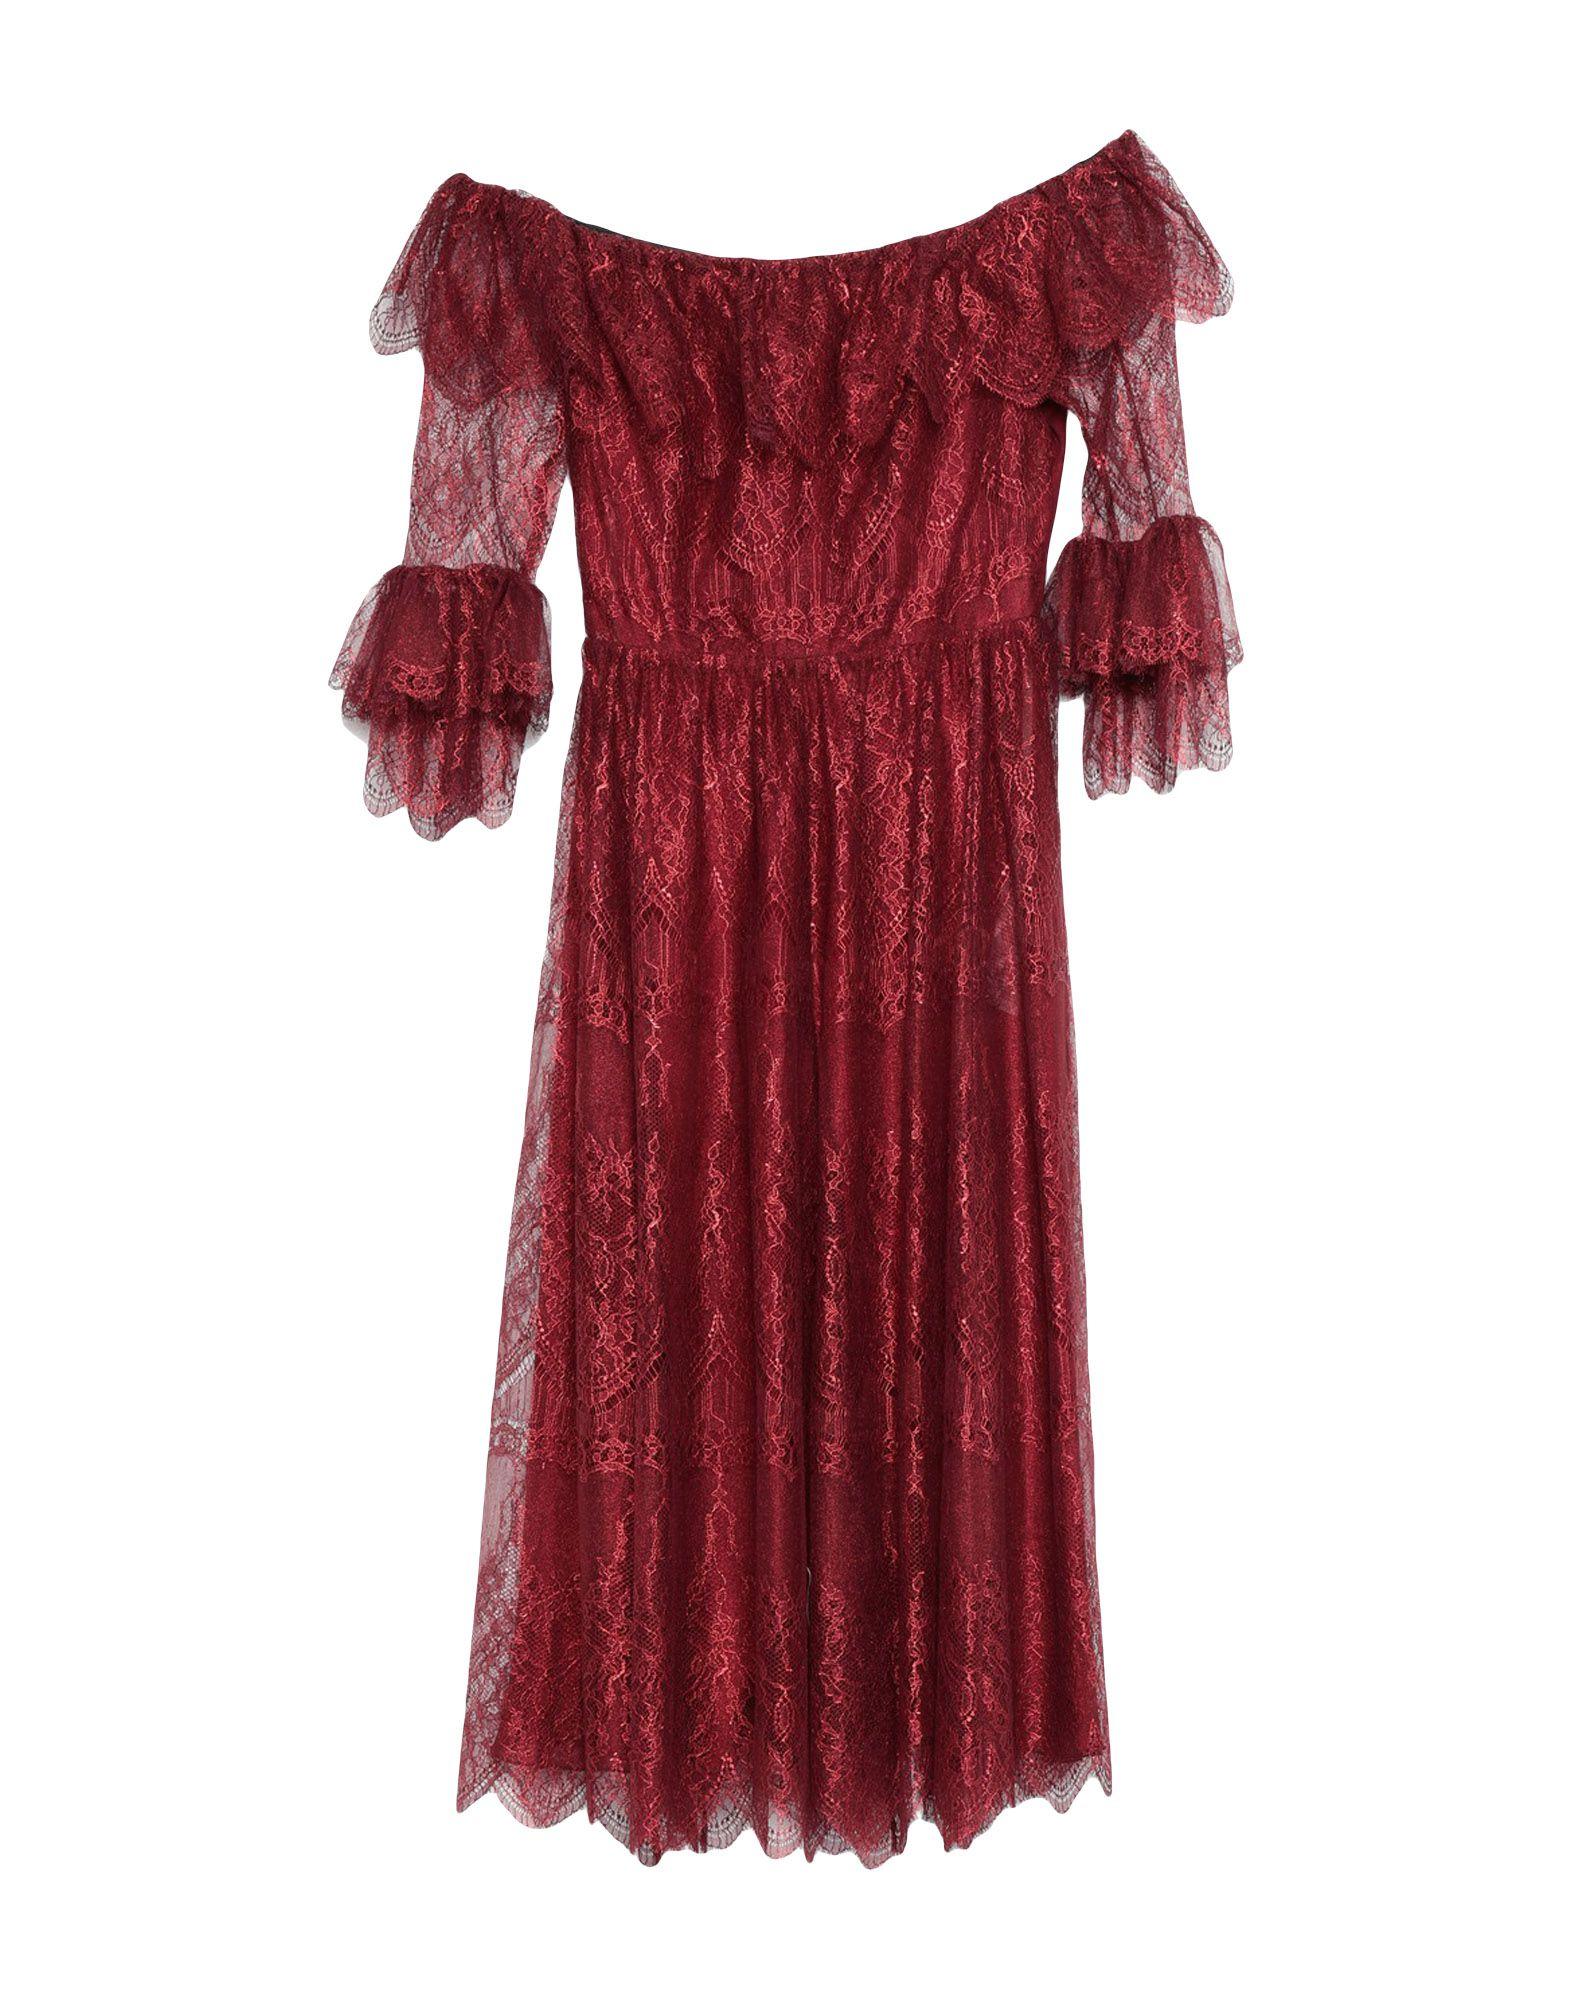 Фото - MARIA LUCIA HOHAN Платье длиной 3/4 maria grachvogel платье длиной 3 4